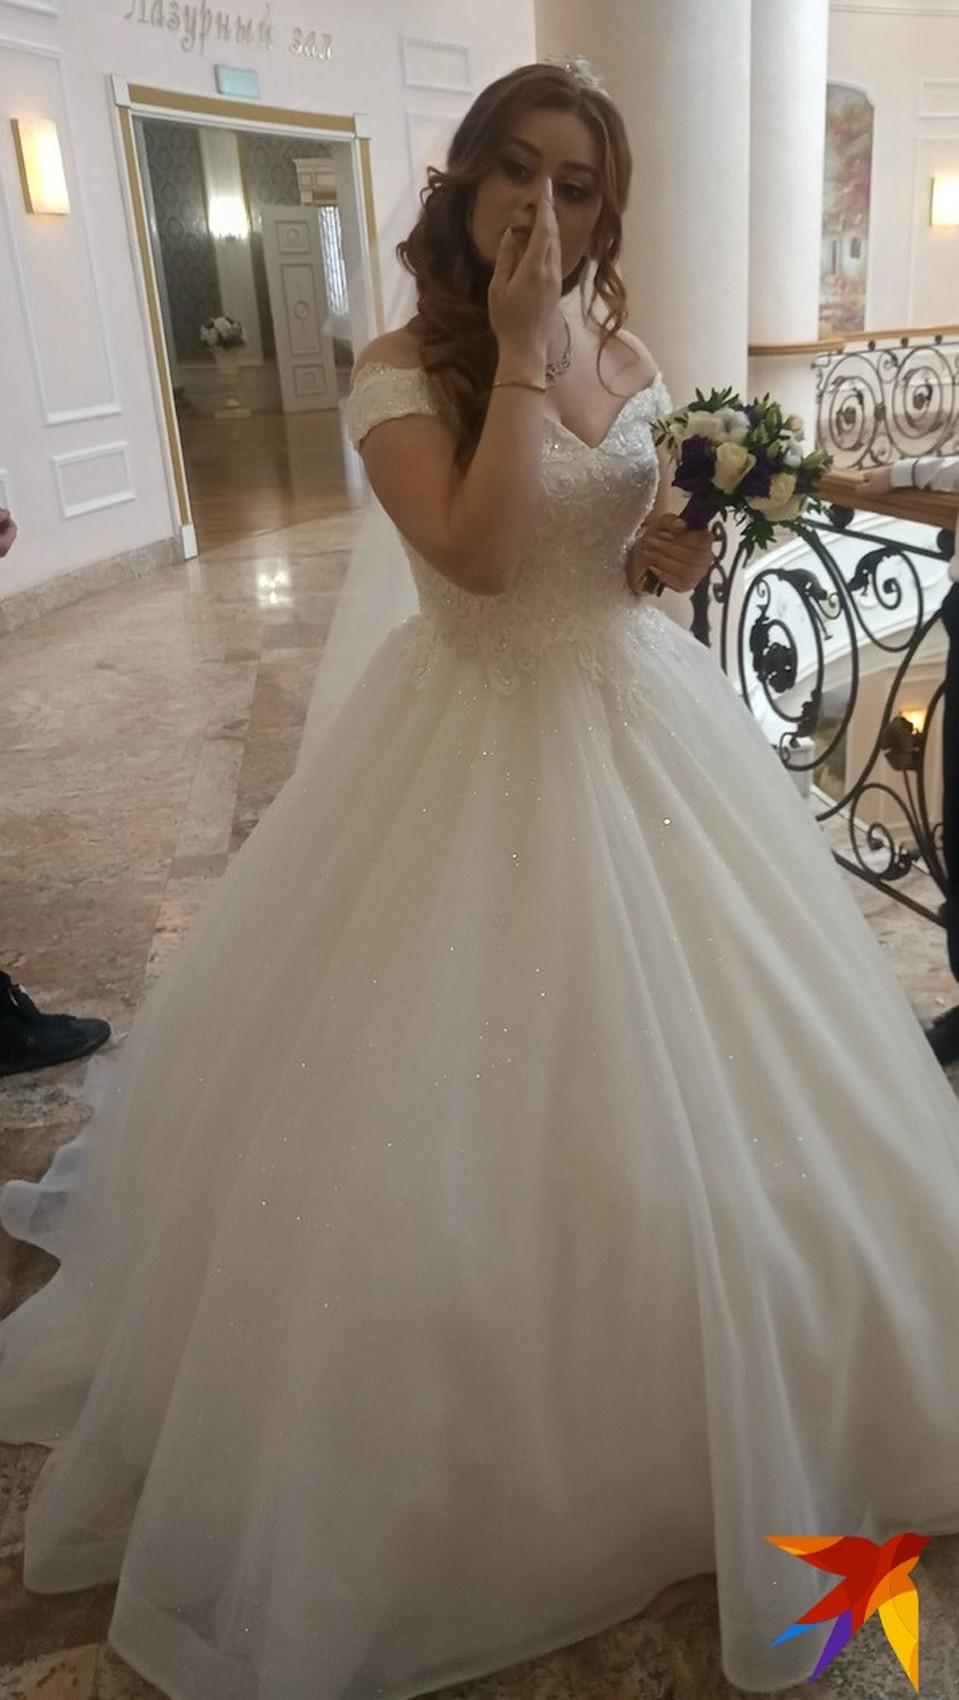 Света осталась без свадьбы прямо в загсе Фото: Ирина Ромашкина